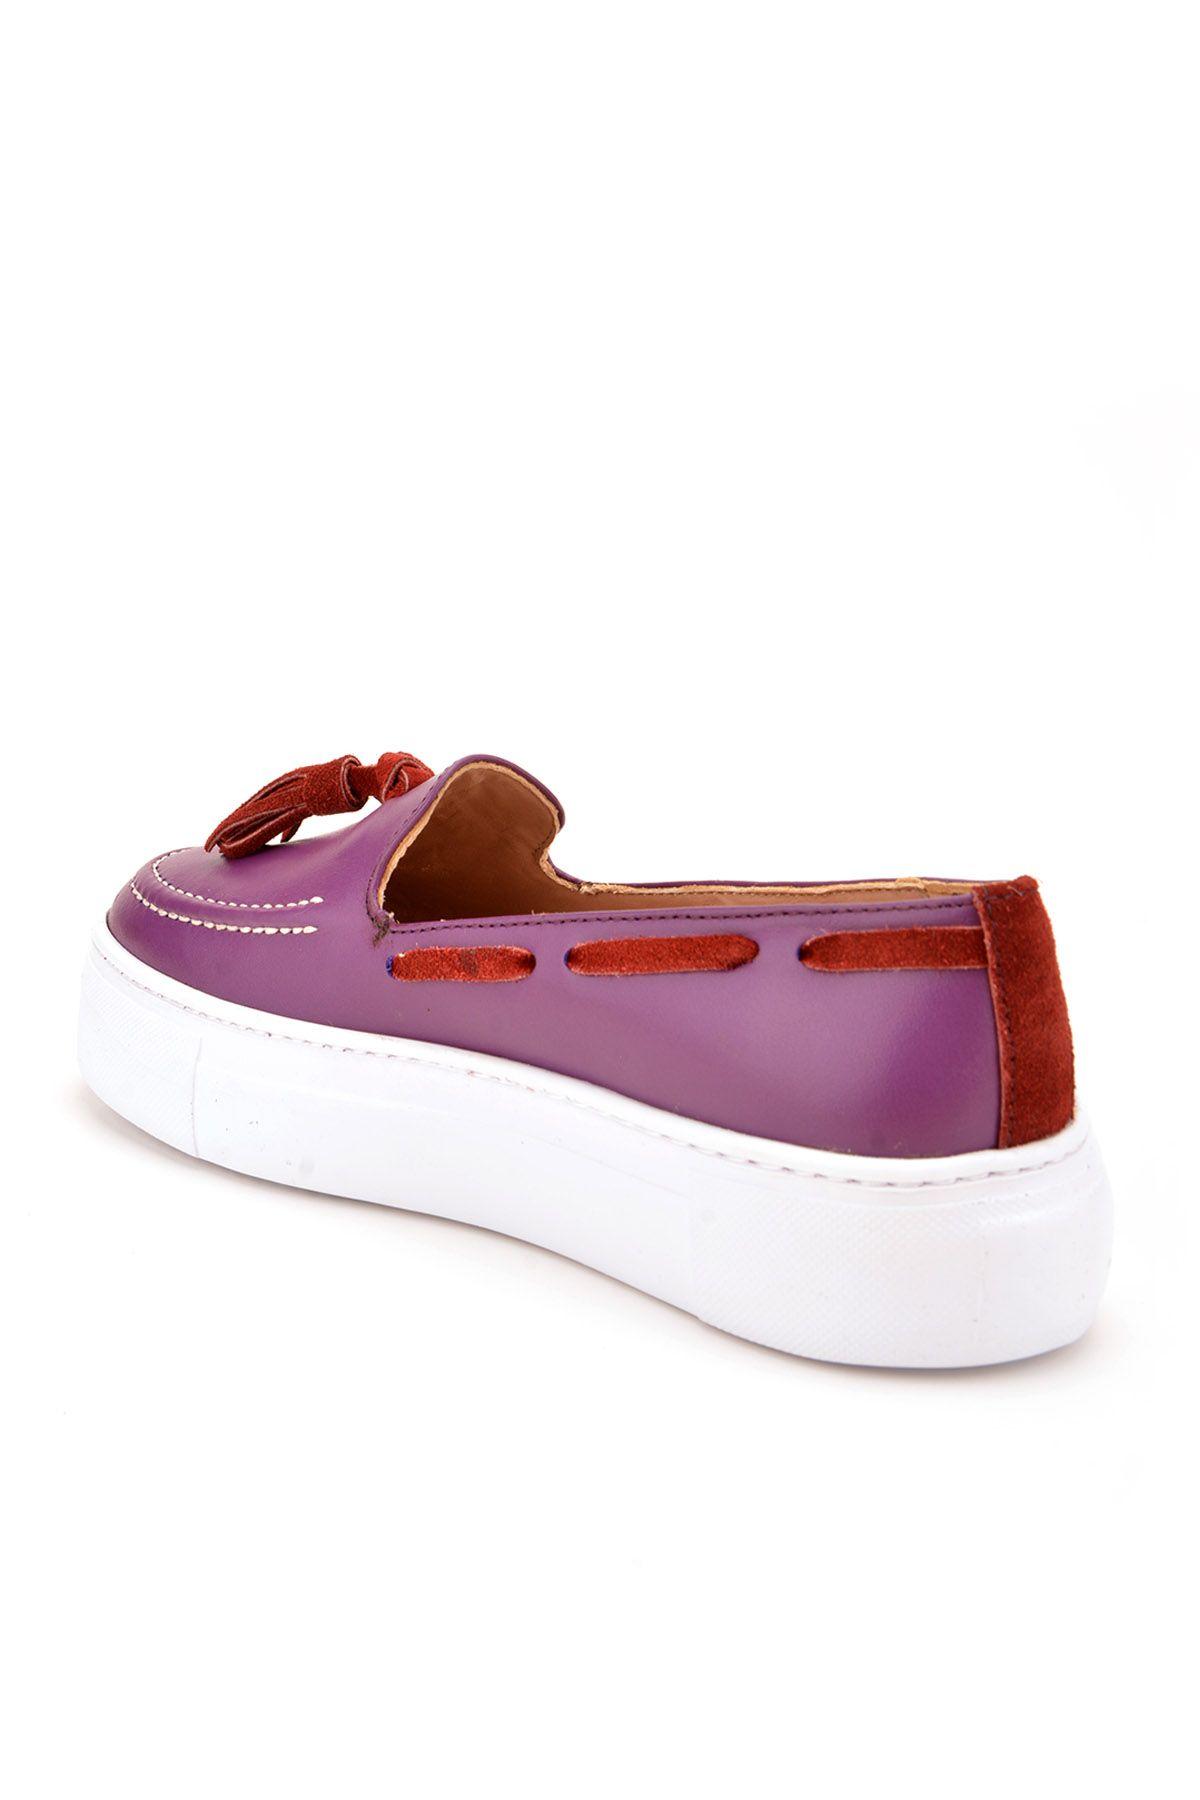 Pegia Pernety Туфли Из Натуральной Кожи  REC-010 Фиолетовый